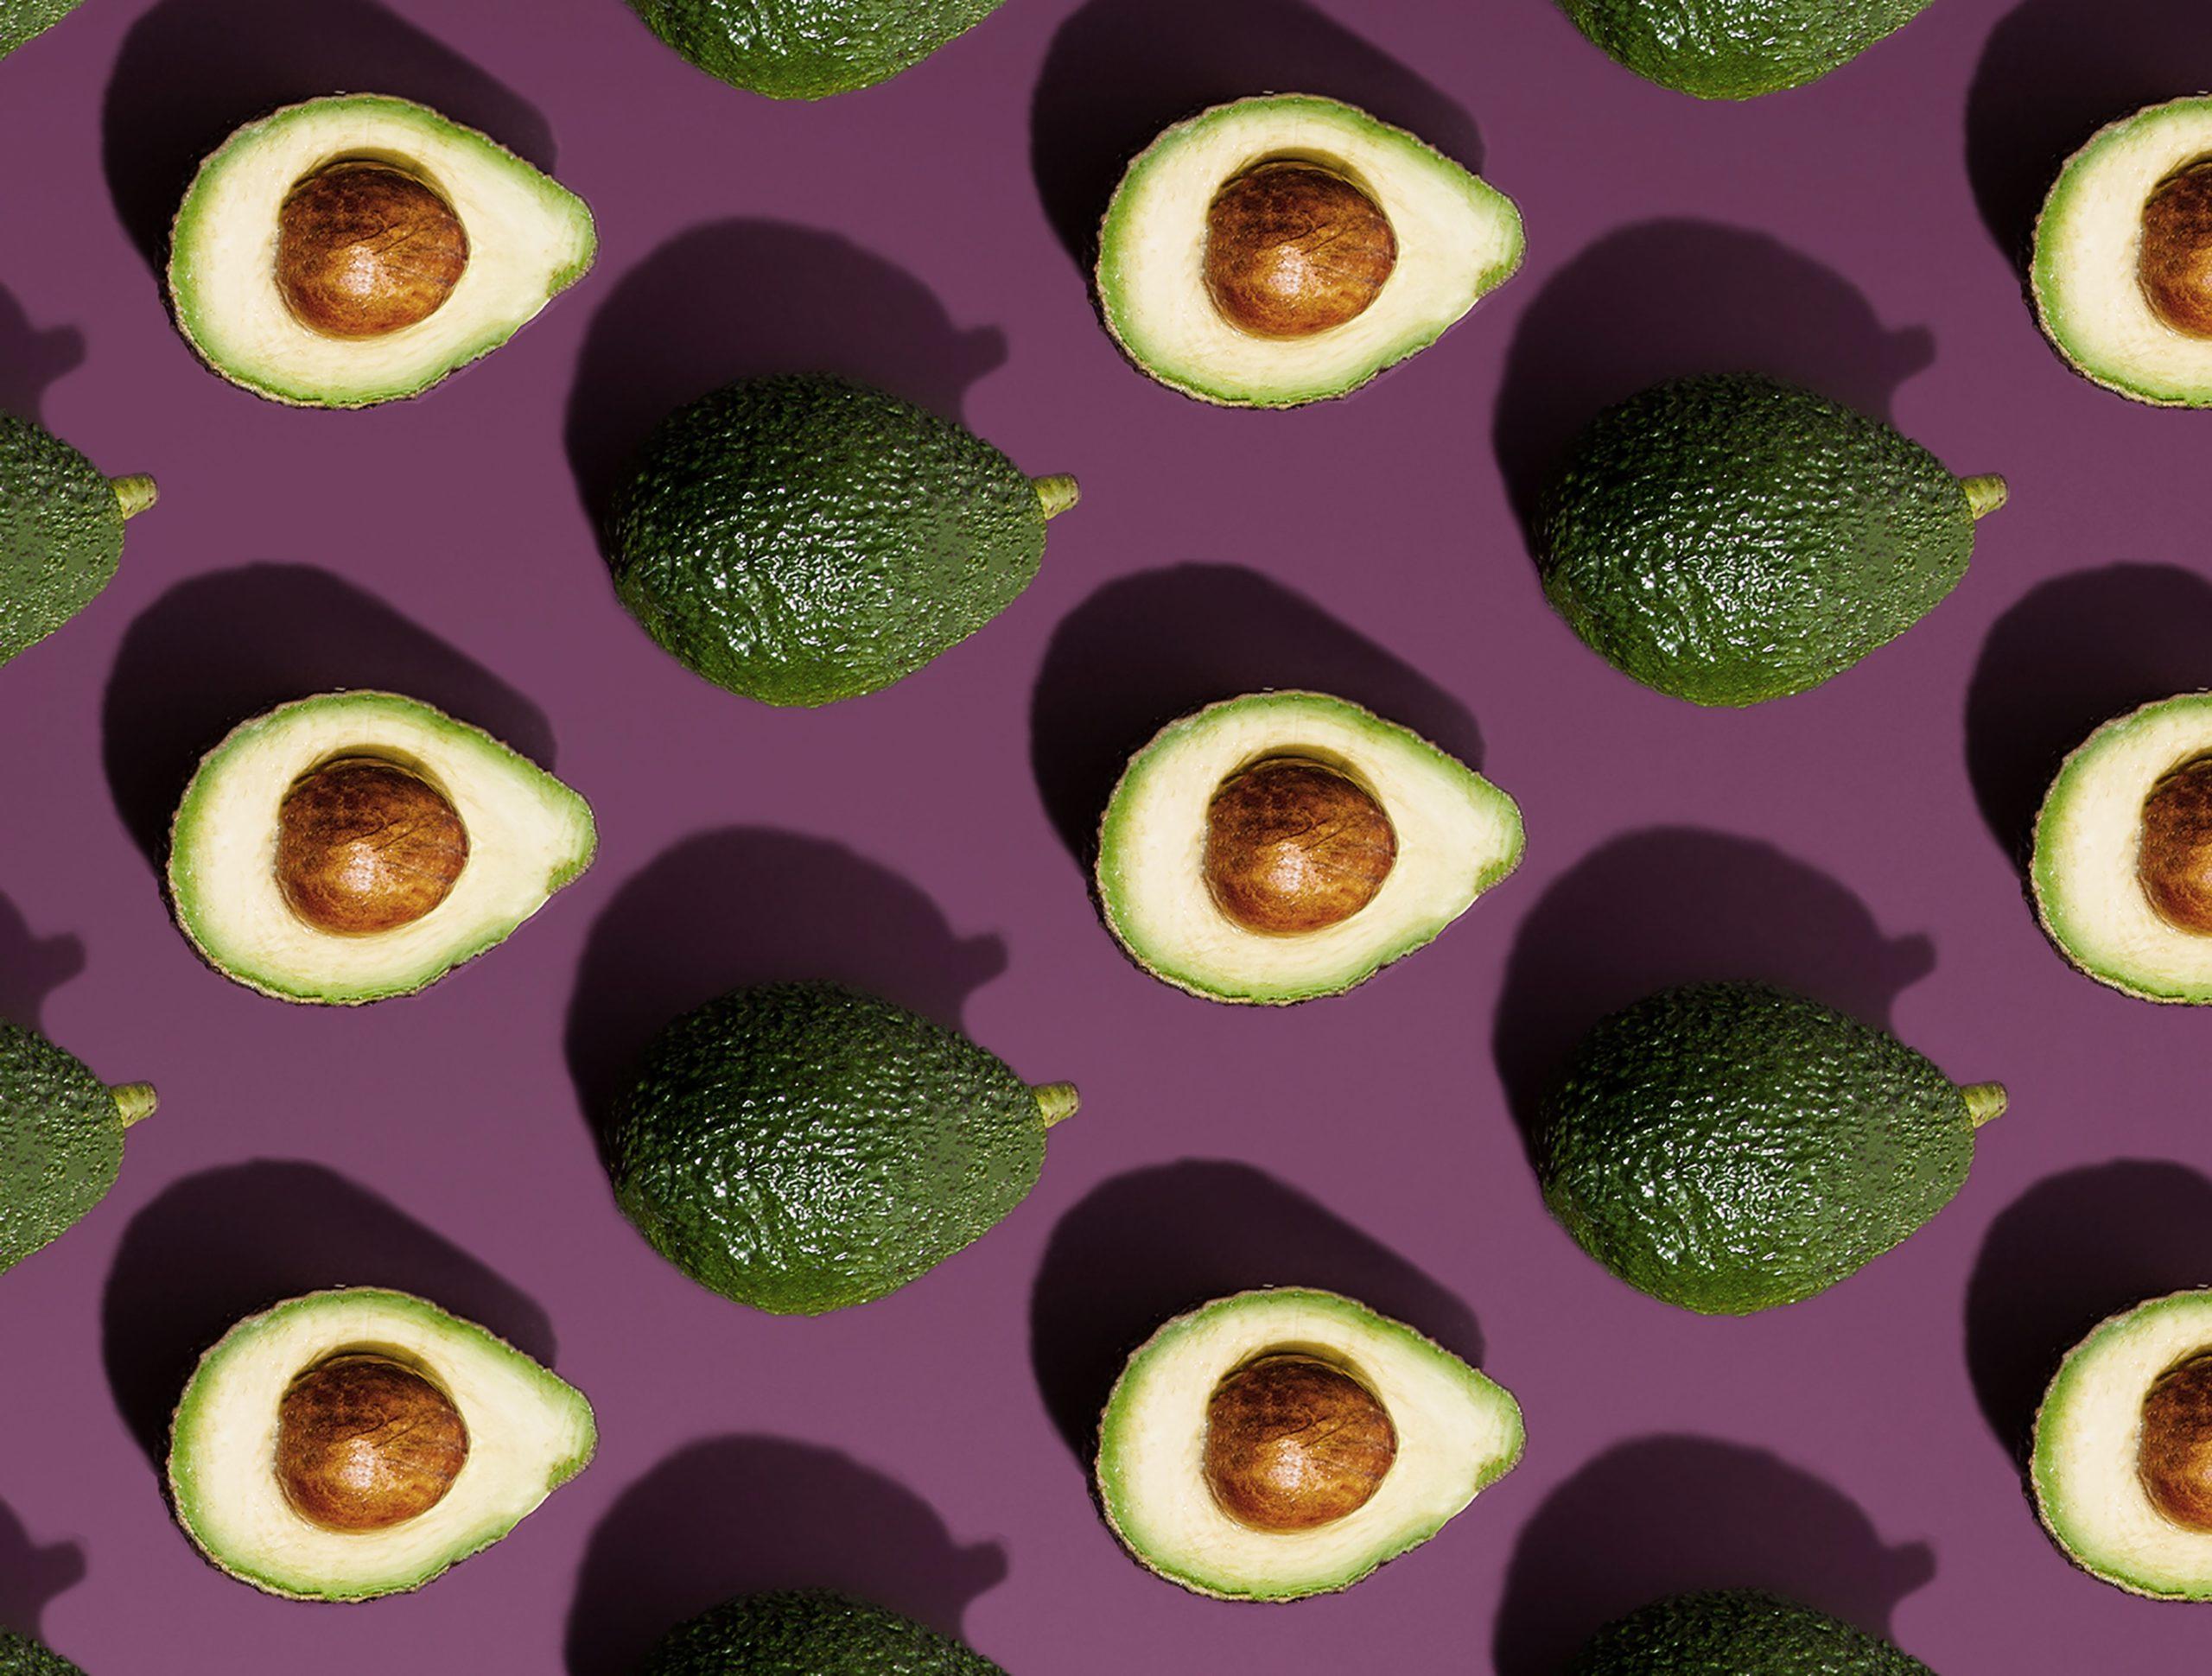 Heerlijk genieten bij de Avocado Show